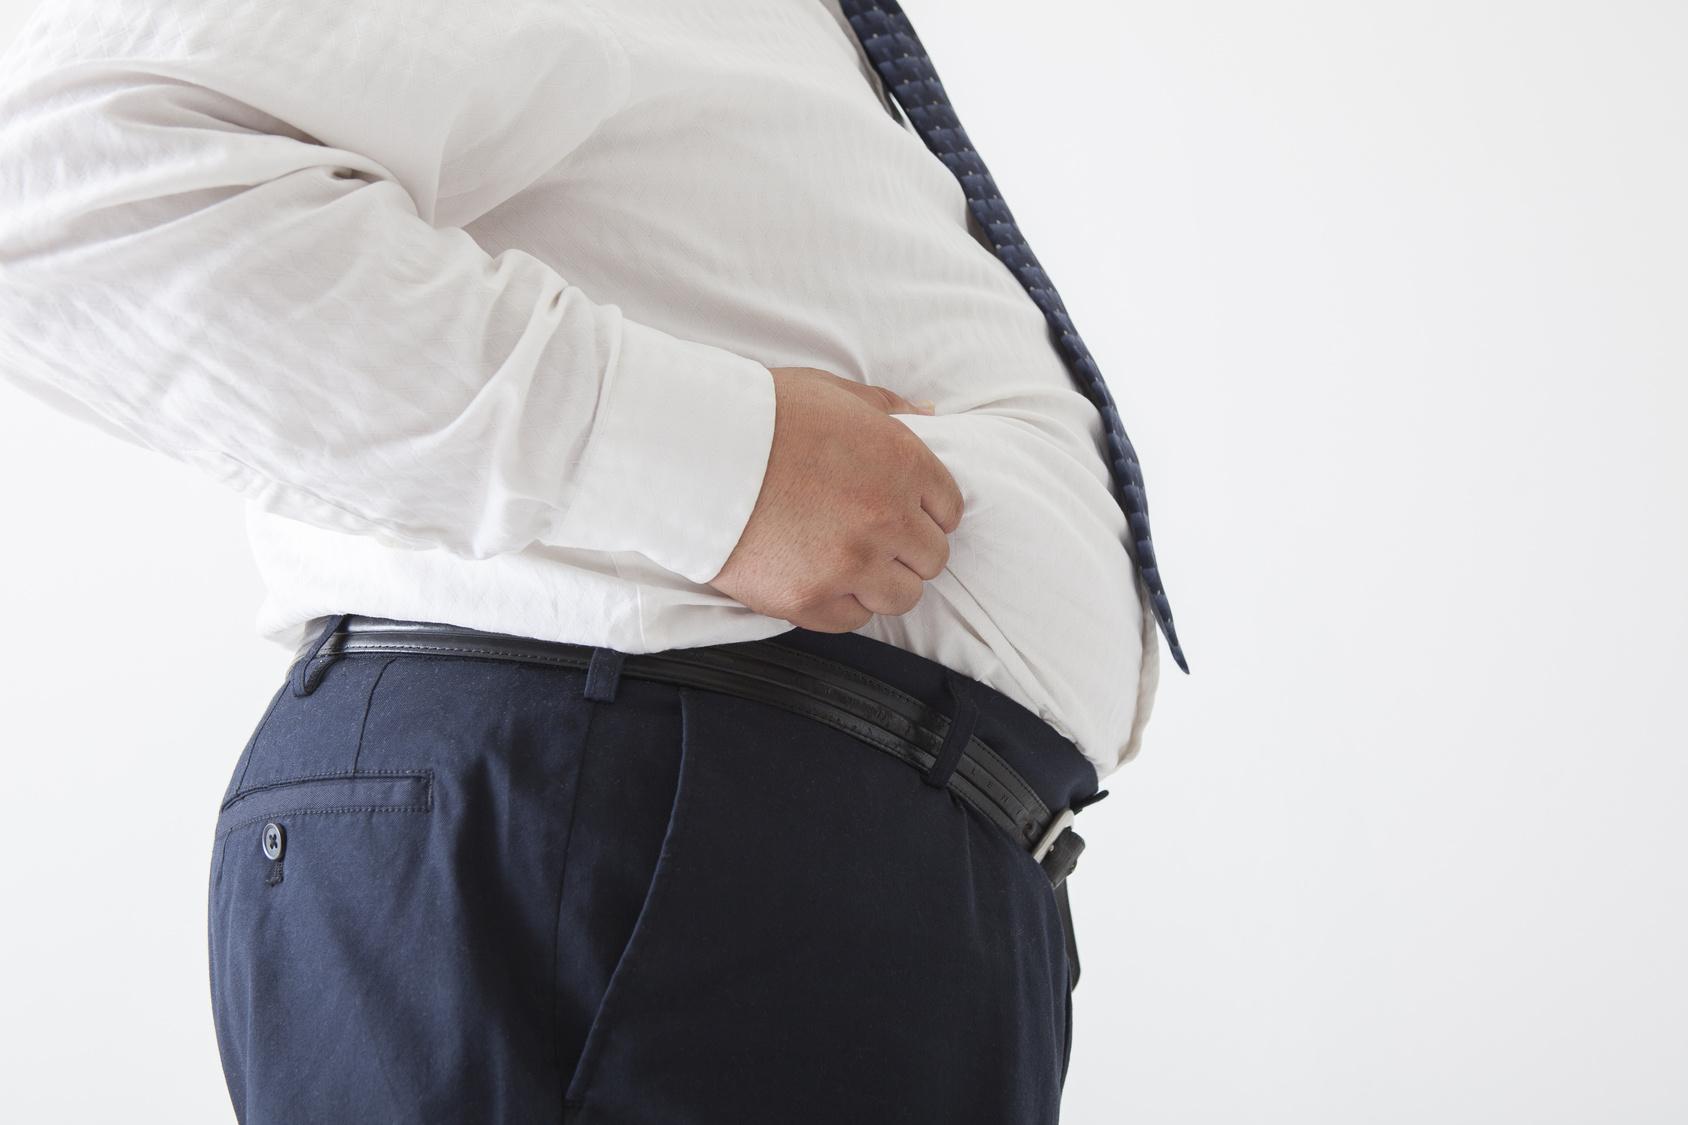 肥満症の手術は、年間50症例以上の医師が名医!合併症発症率や再手術率が低下!